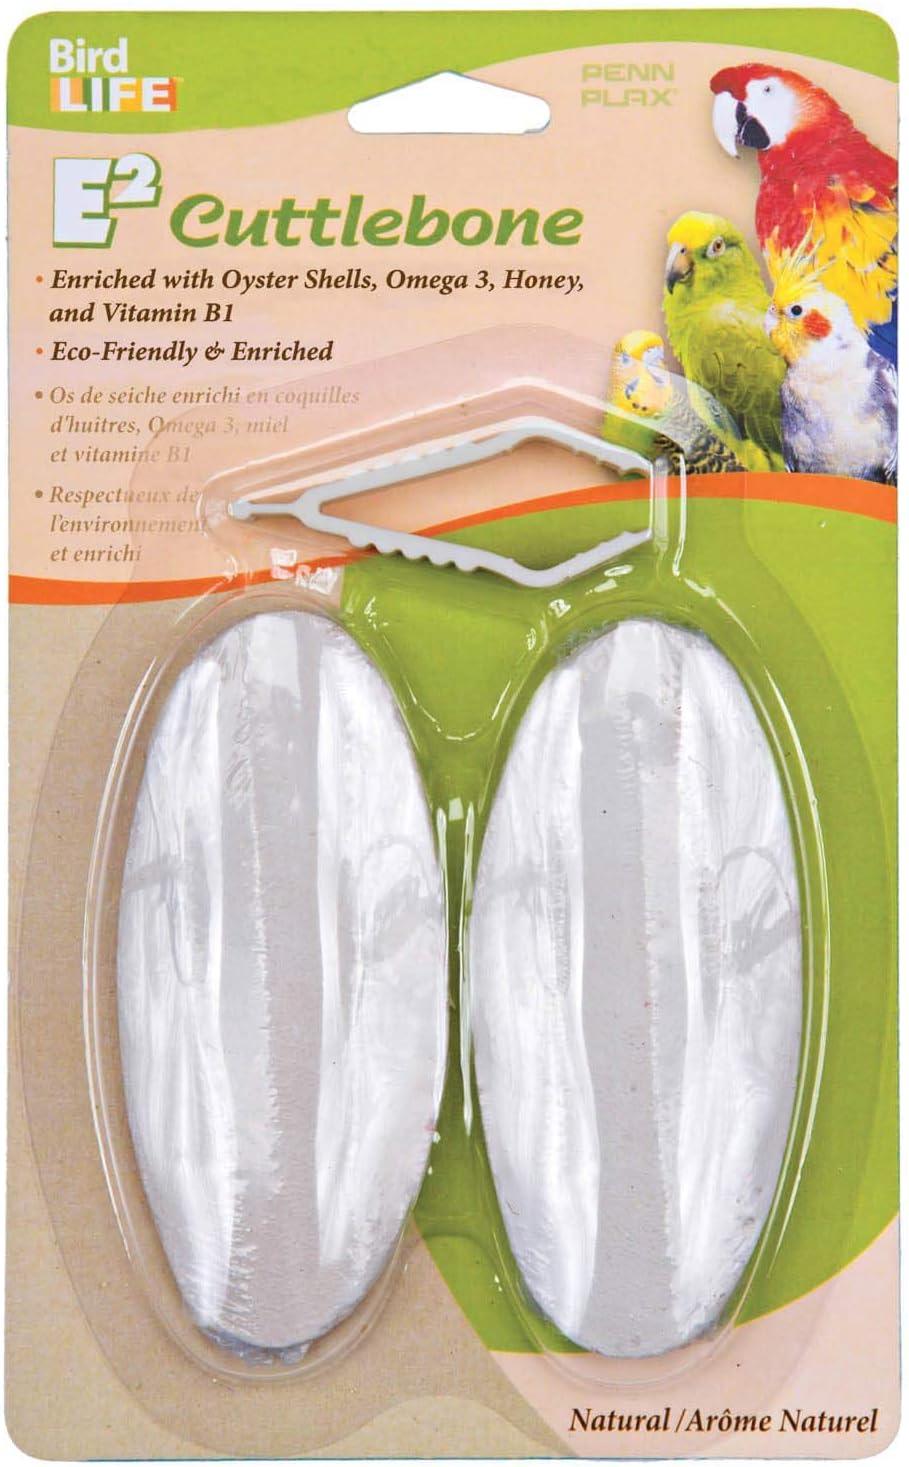 Penn Plax E2 Natural Cuttlebones, Pack Of 2 Cuttlebones